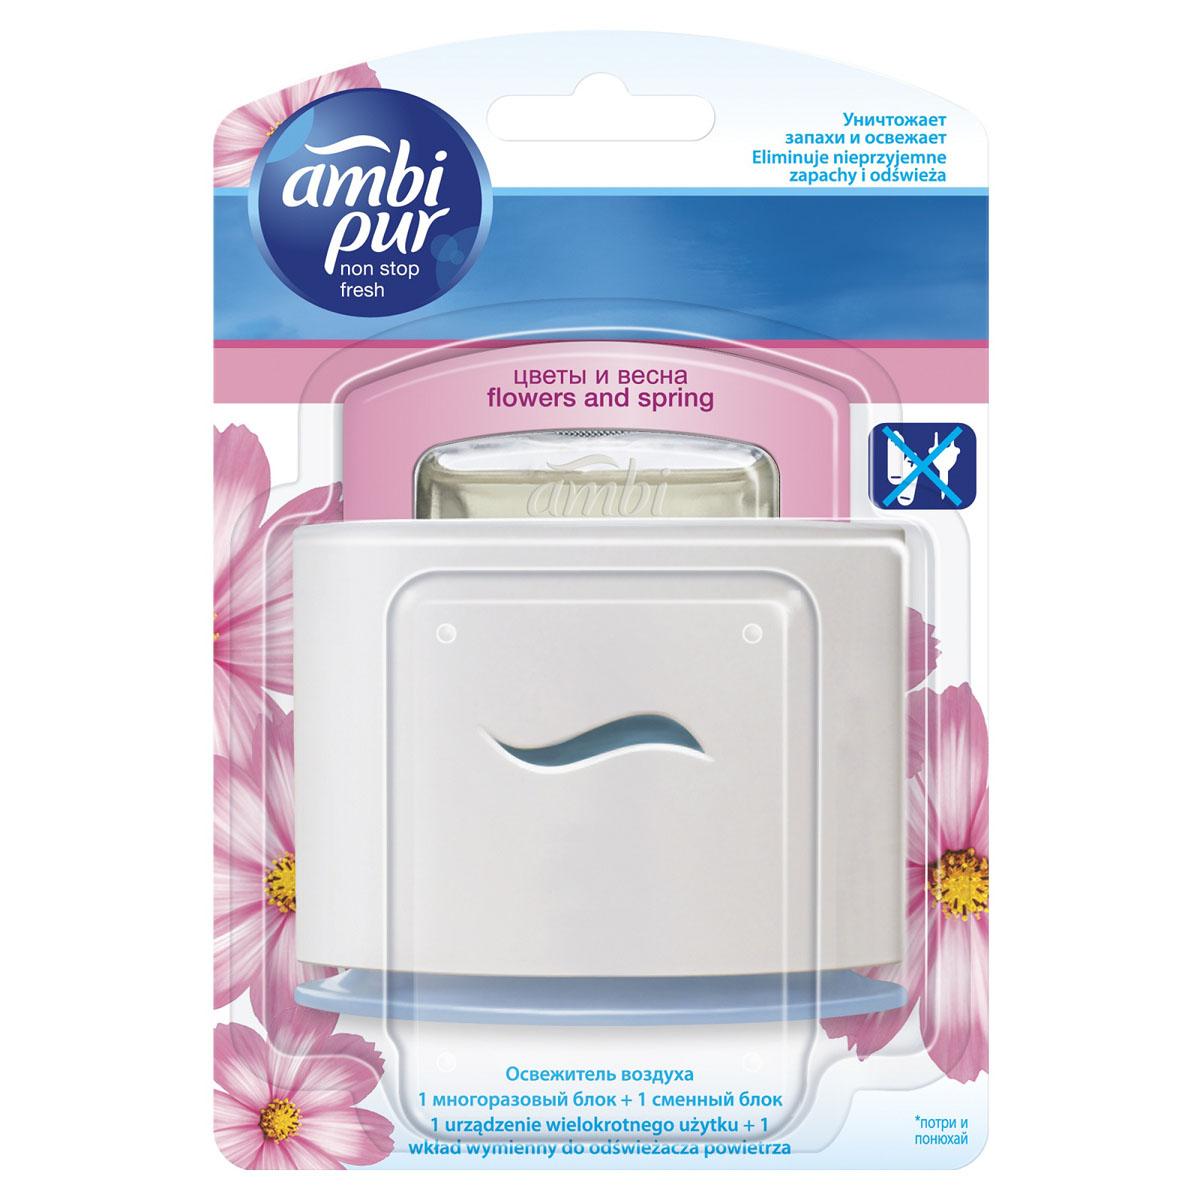 Освежитель воздуха Ambi Pur Цветы и весна, 5,5 млAMP-80237095Освежитель воздуха со сменным блоком. Не требует источника энергии. Использовать только со сменными блоками Ambi Pur! Уничтожает запахи и освежает до 60 дней! Не вскрывать сменный блок! Вызывает раздражение. Опасно для окружающей среды ОСТОРОЖНО. При контакте с кожей может вызывать раздражение. Хранить вдали от детей. Избегать контакта с кожей. Использовать защитные перчатки. В случае проглатывания, немедленно обратиться к врачу и показать упаковку или этикетку продукта. Не вызывать рвоту. Избегать попадания в глаза. В случае попадания в глаза немедленно промыть большим количеством воды и обратиться к врачу.